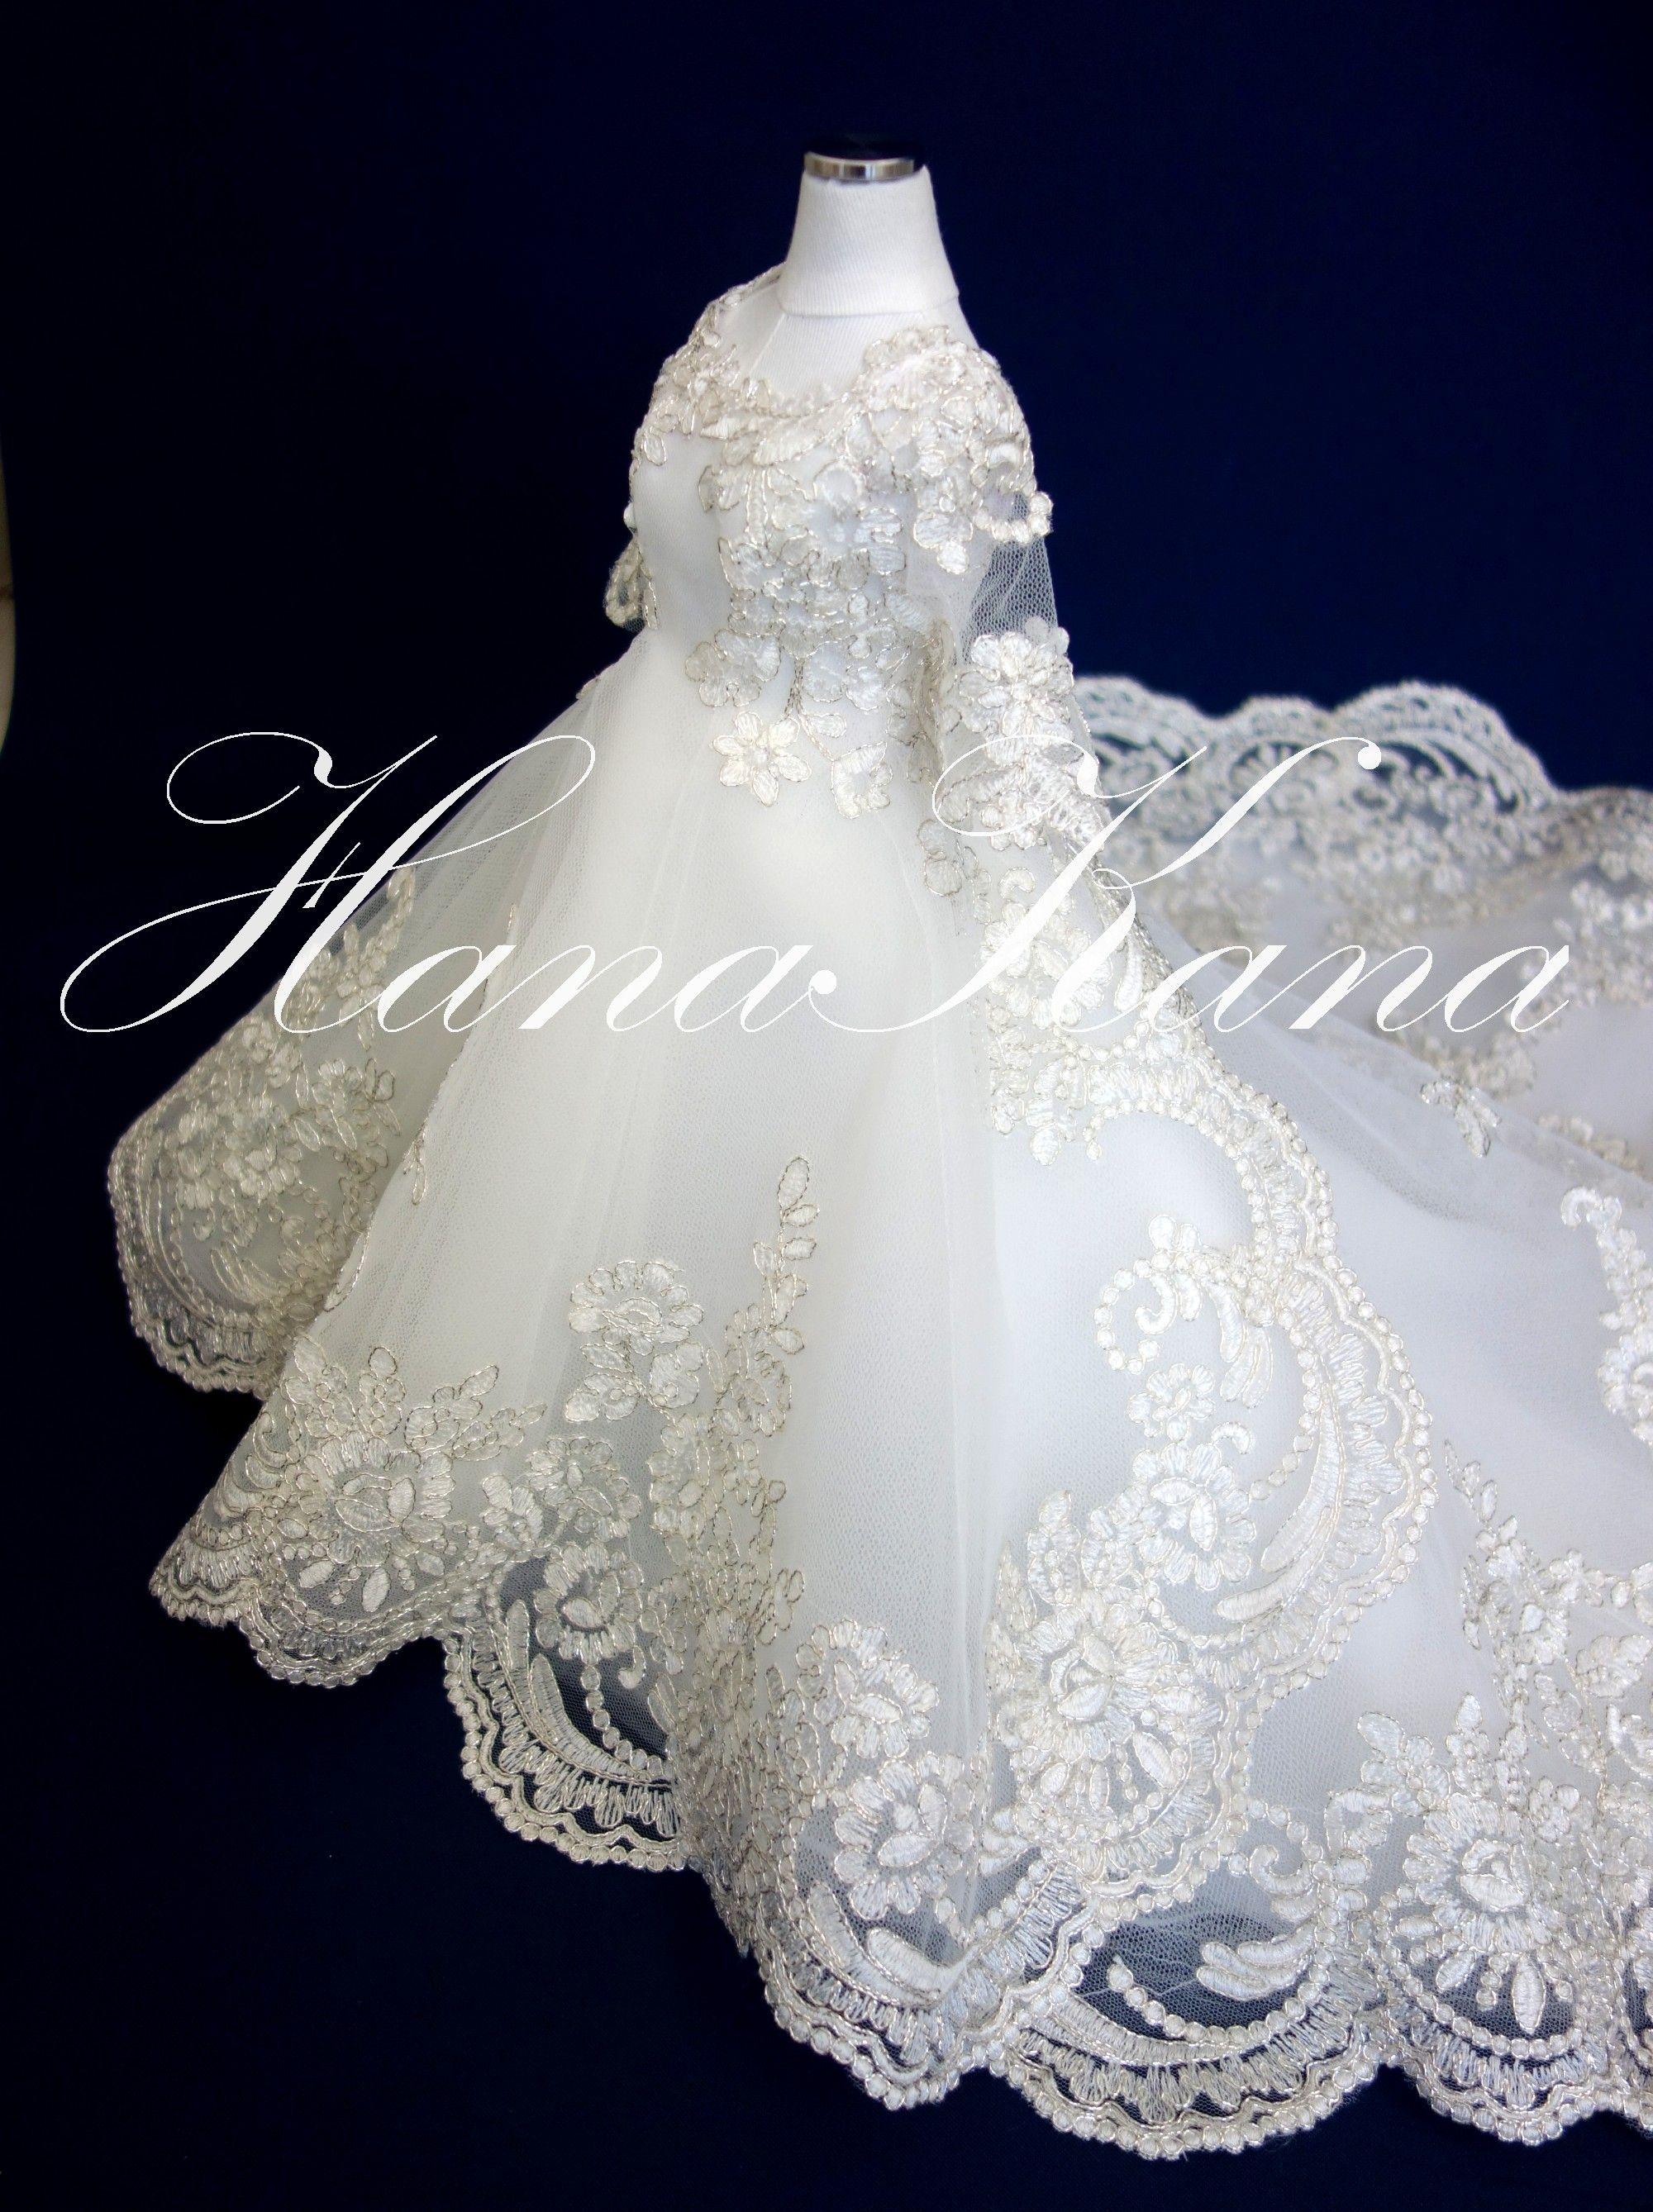 総レースのウエディングドレスのミニチュアはレース柄を活かして大胆で豪華な仕上がり ウエディングドール ウエディングドレス ドレス